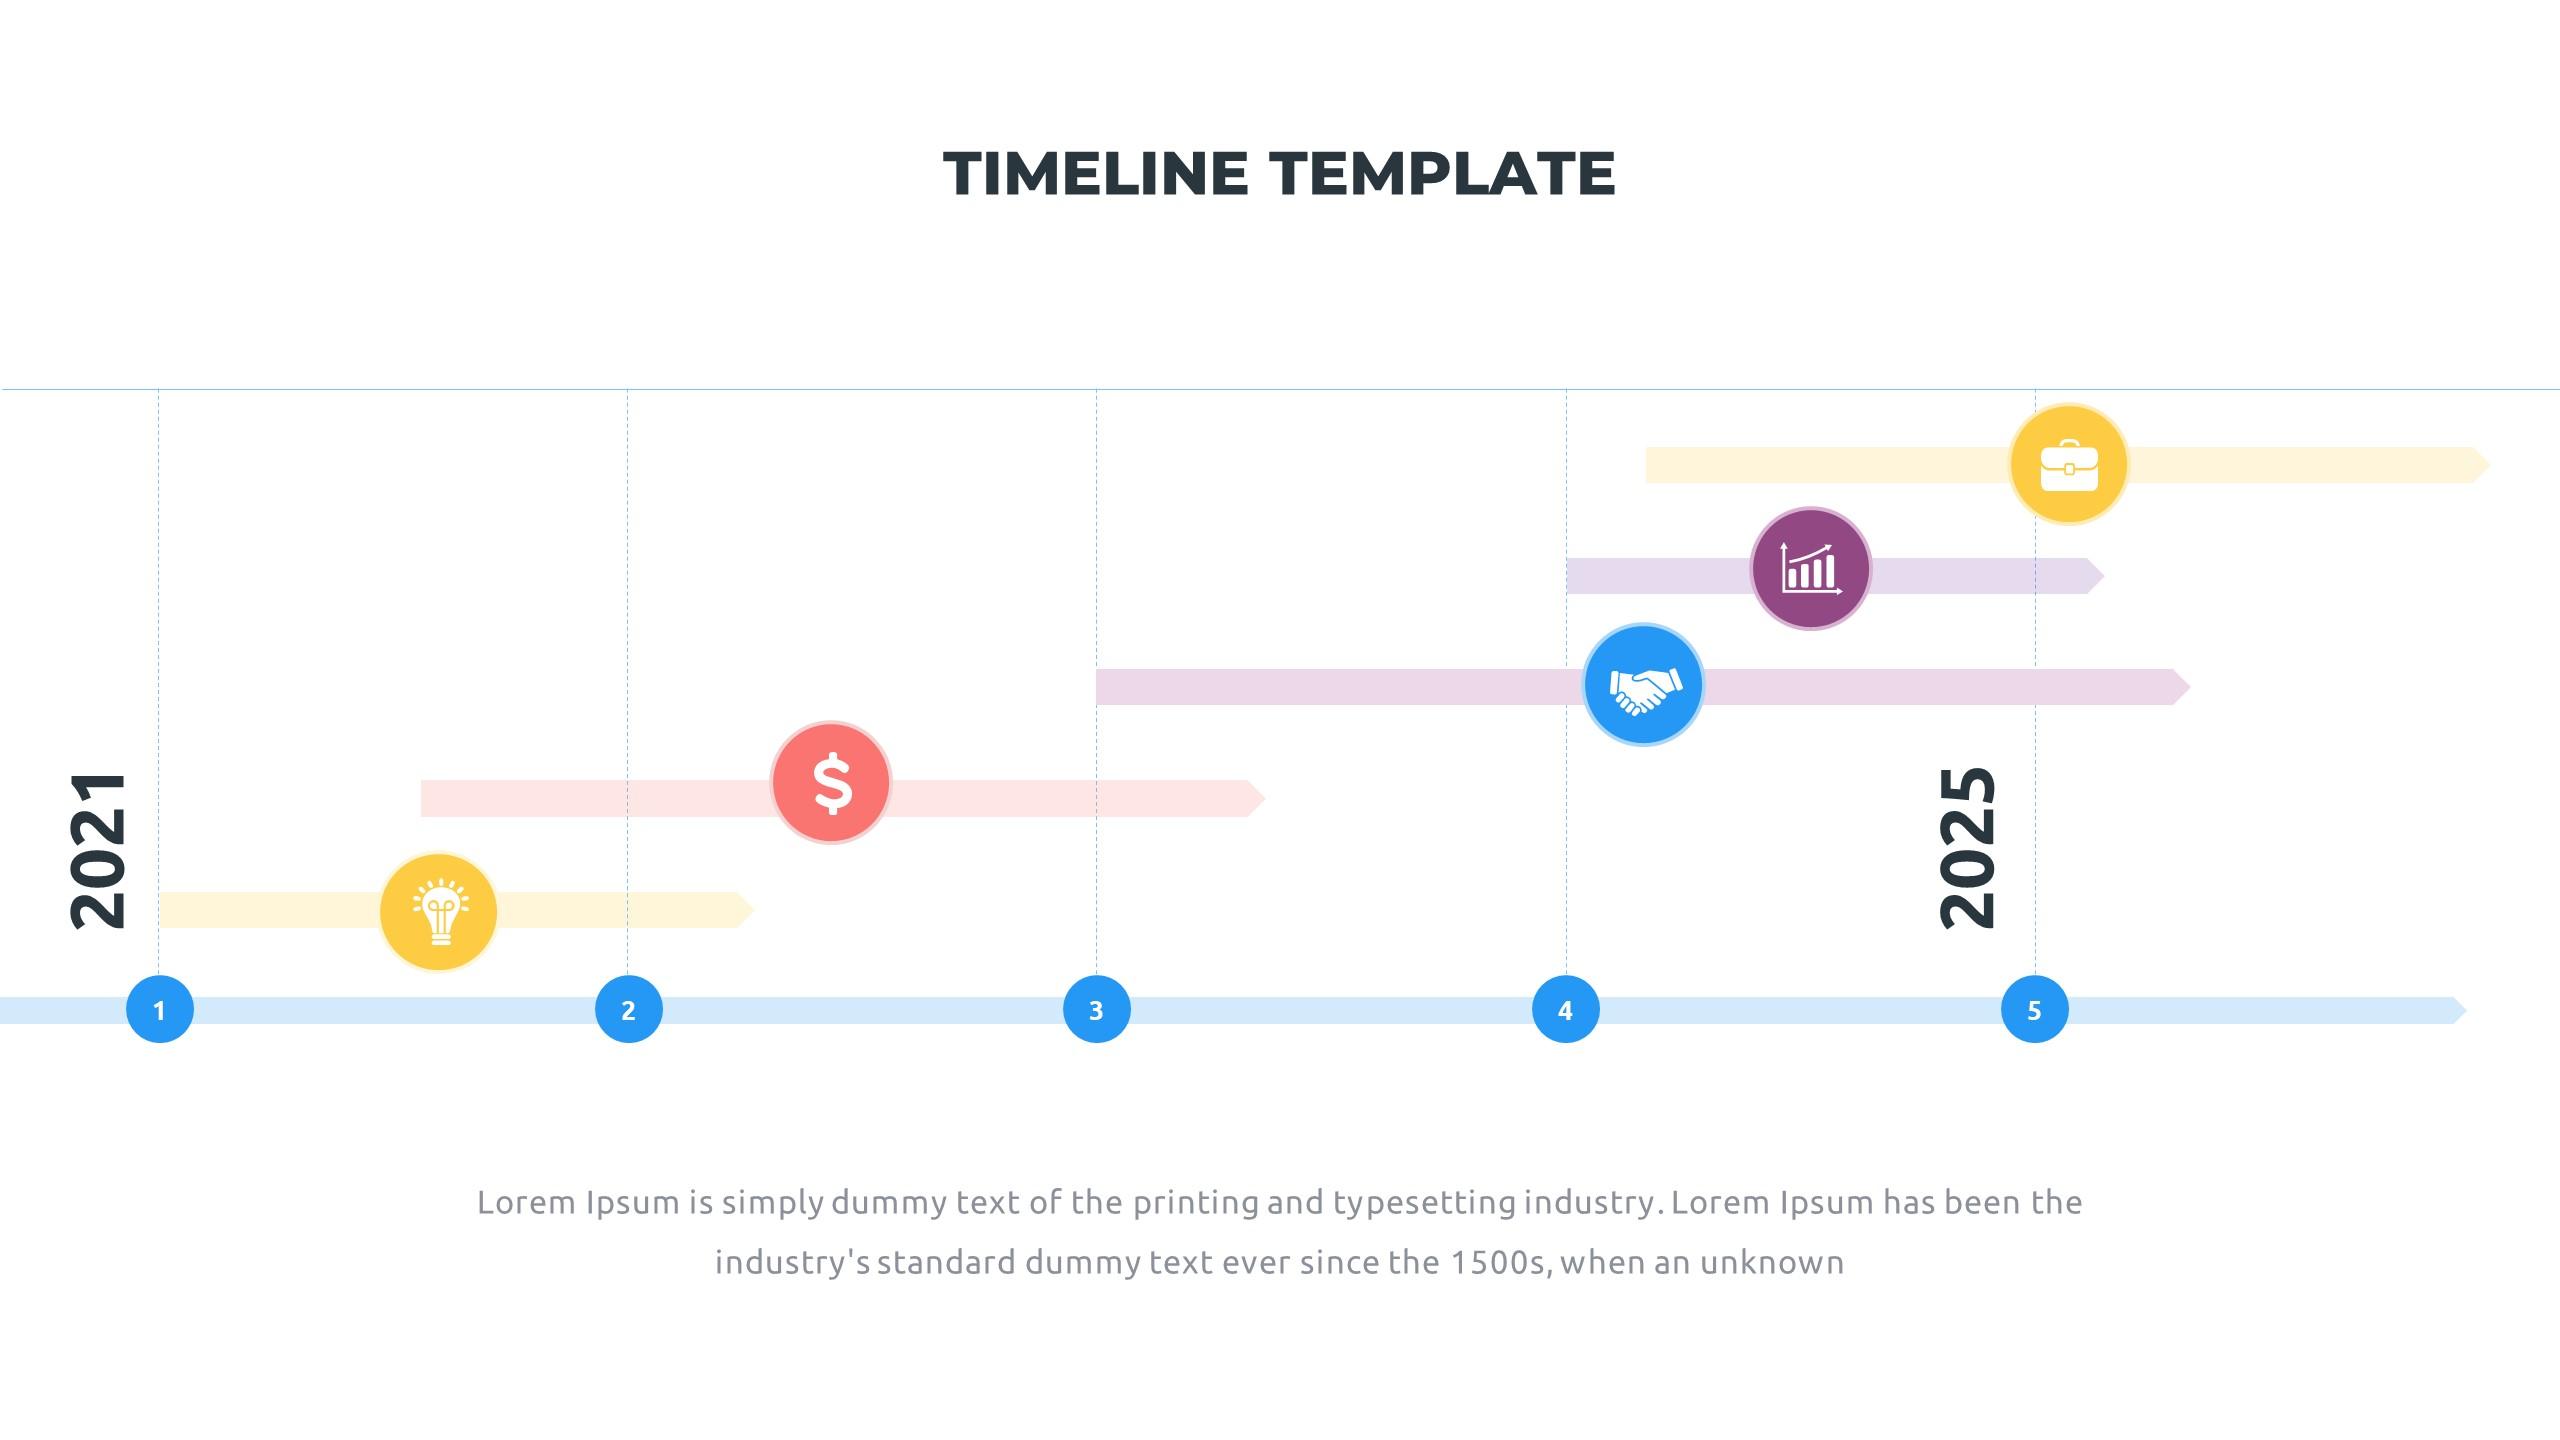 36 Timeline Presentation Templates: Powerpoint, Google Slides, Keynote - Slide23